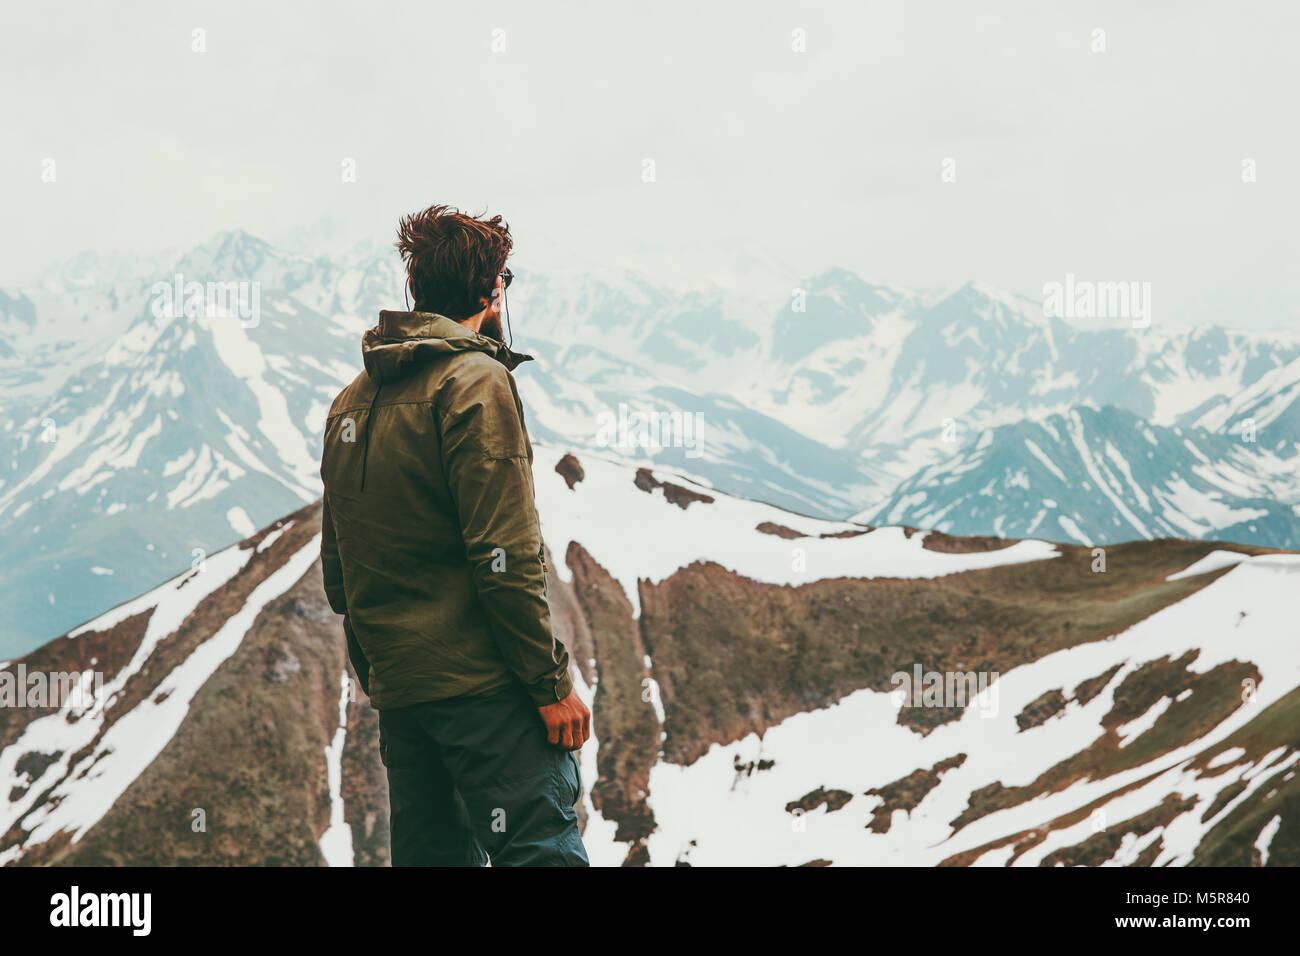 L'uomo traveler vagare da soli le montagne paesaggio stile di vita viaggio avventura concetto outdoor vacanze Immagini Stock